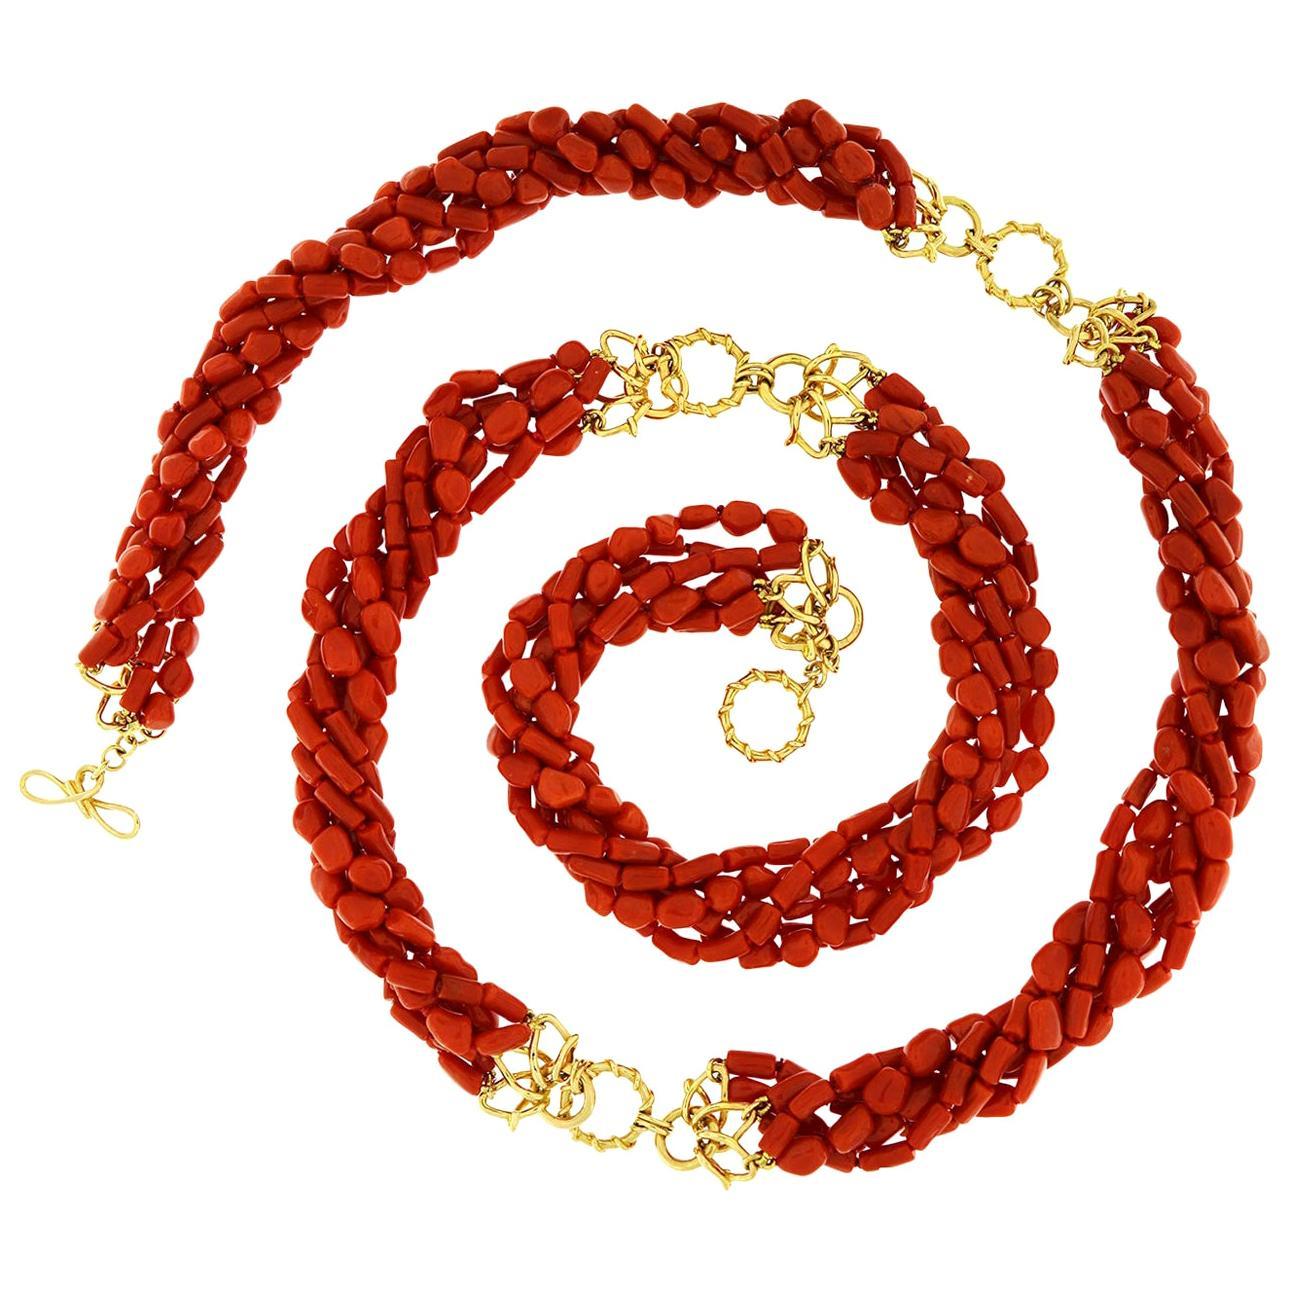 Valentin Magro Multi Strand Memmetti Coral Necklace